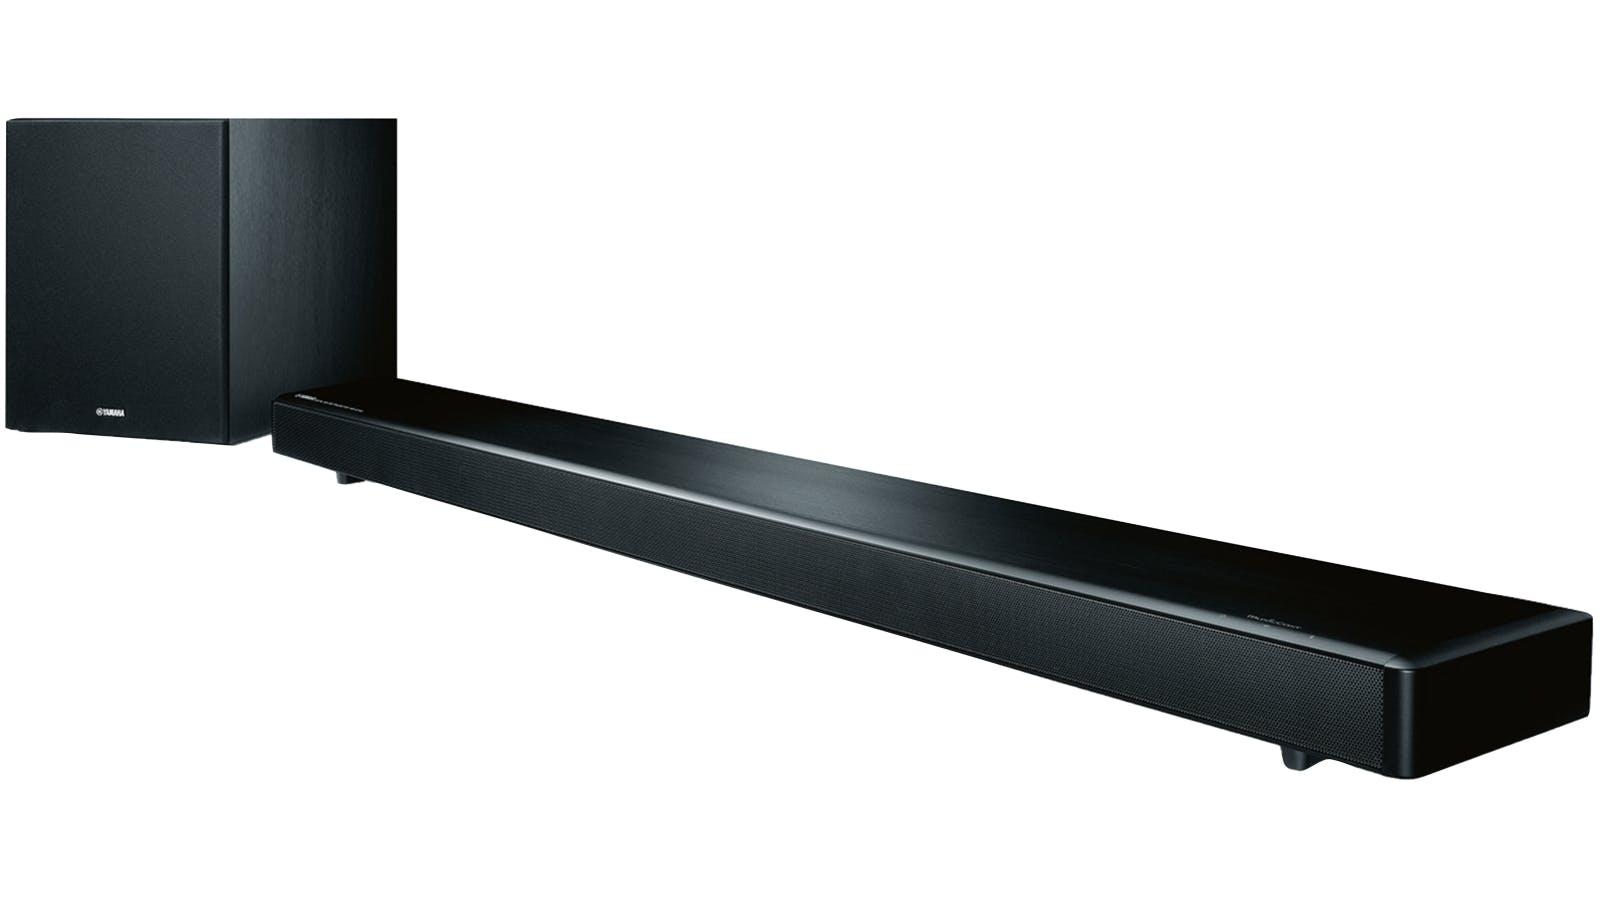 yamaha ysp 2700 surround sound bar domayne. Black Bedroom Furniture Sets. Home Design Ideas